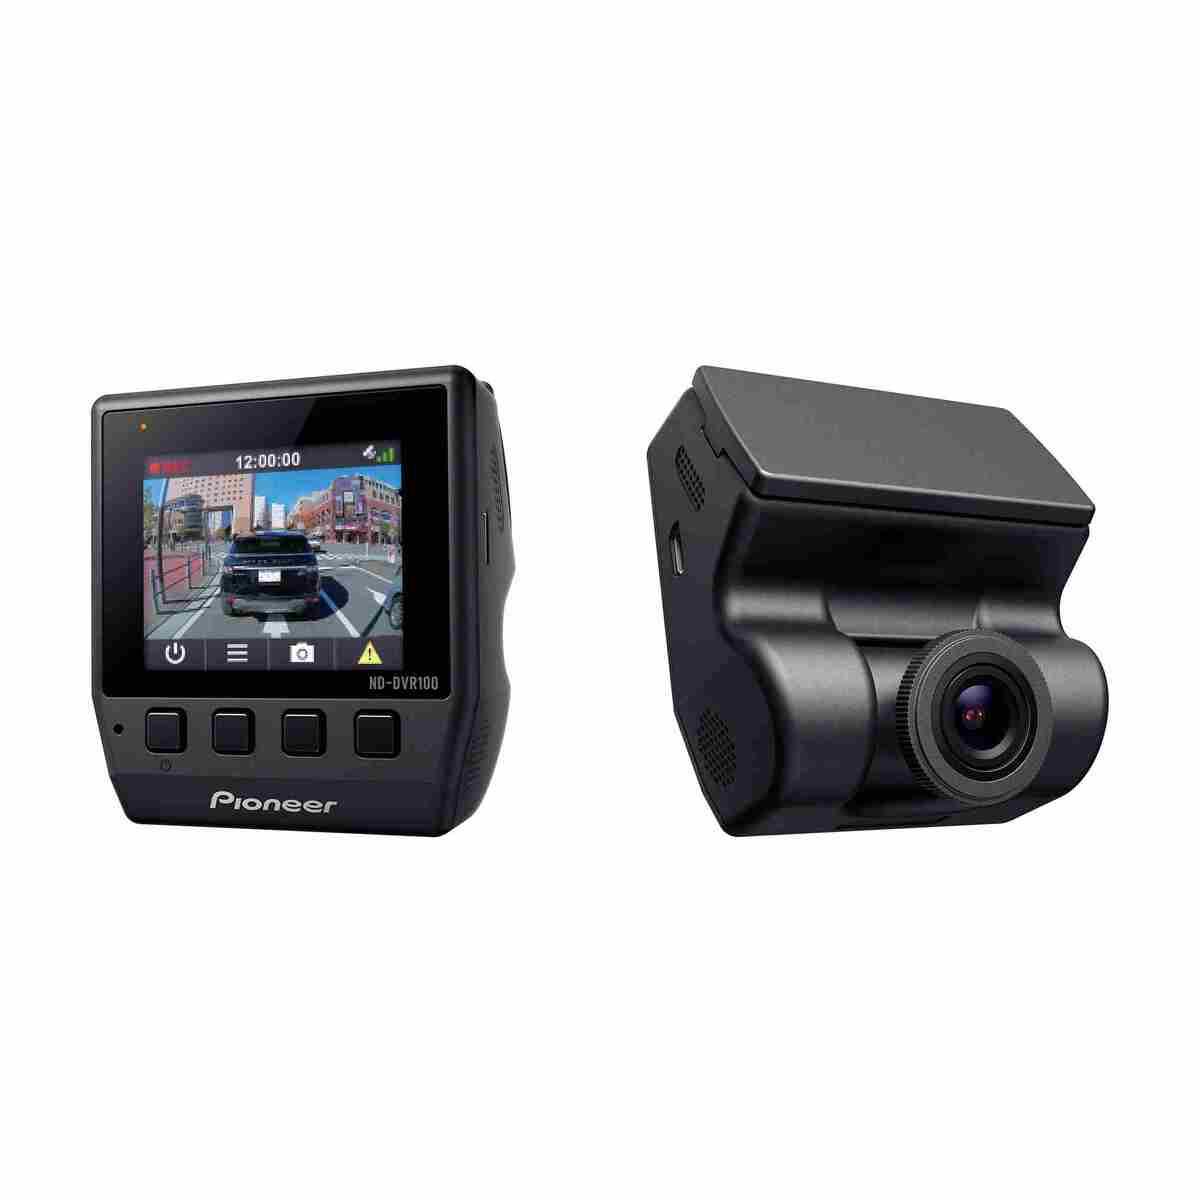 Bild 2 von Pioneer Dashcam ND-DVR100 mit integriertem Drive Recorder